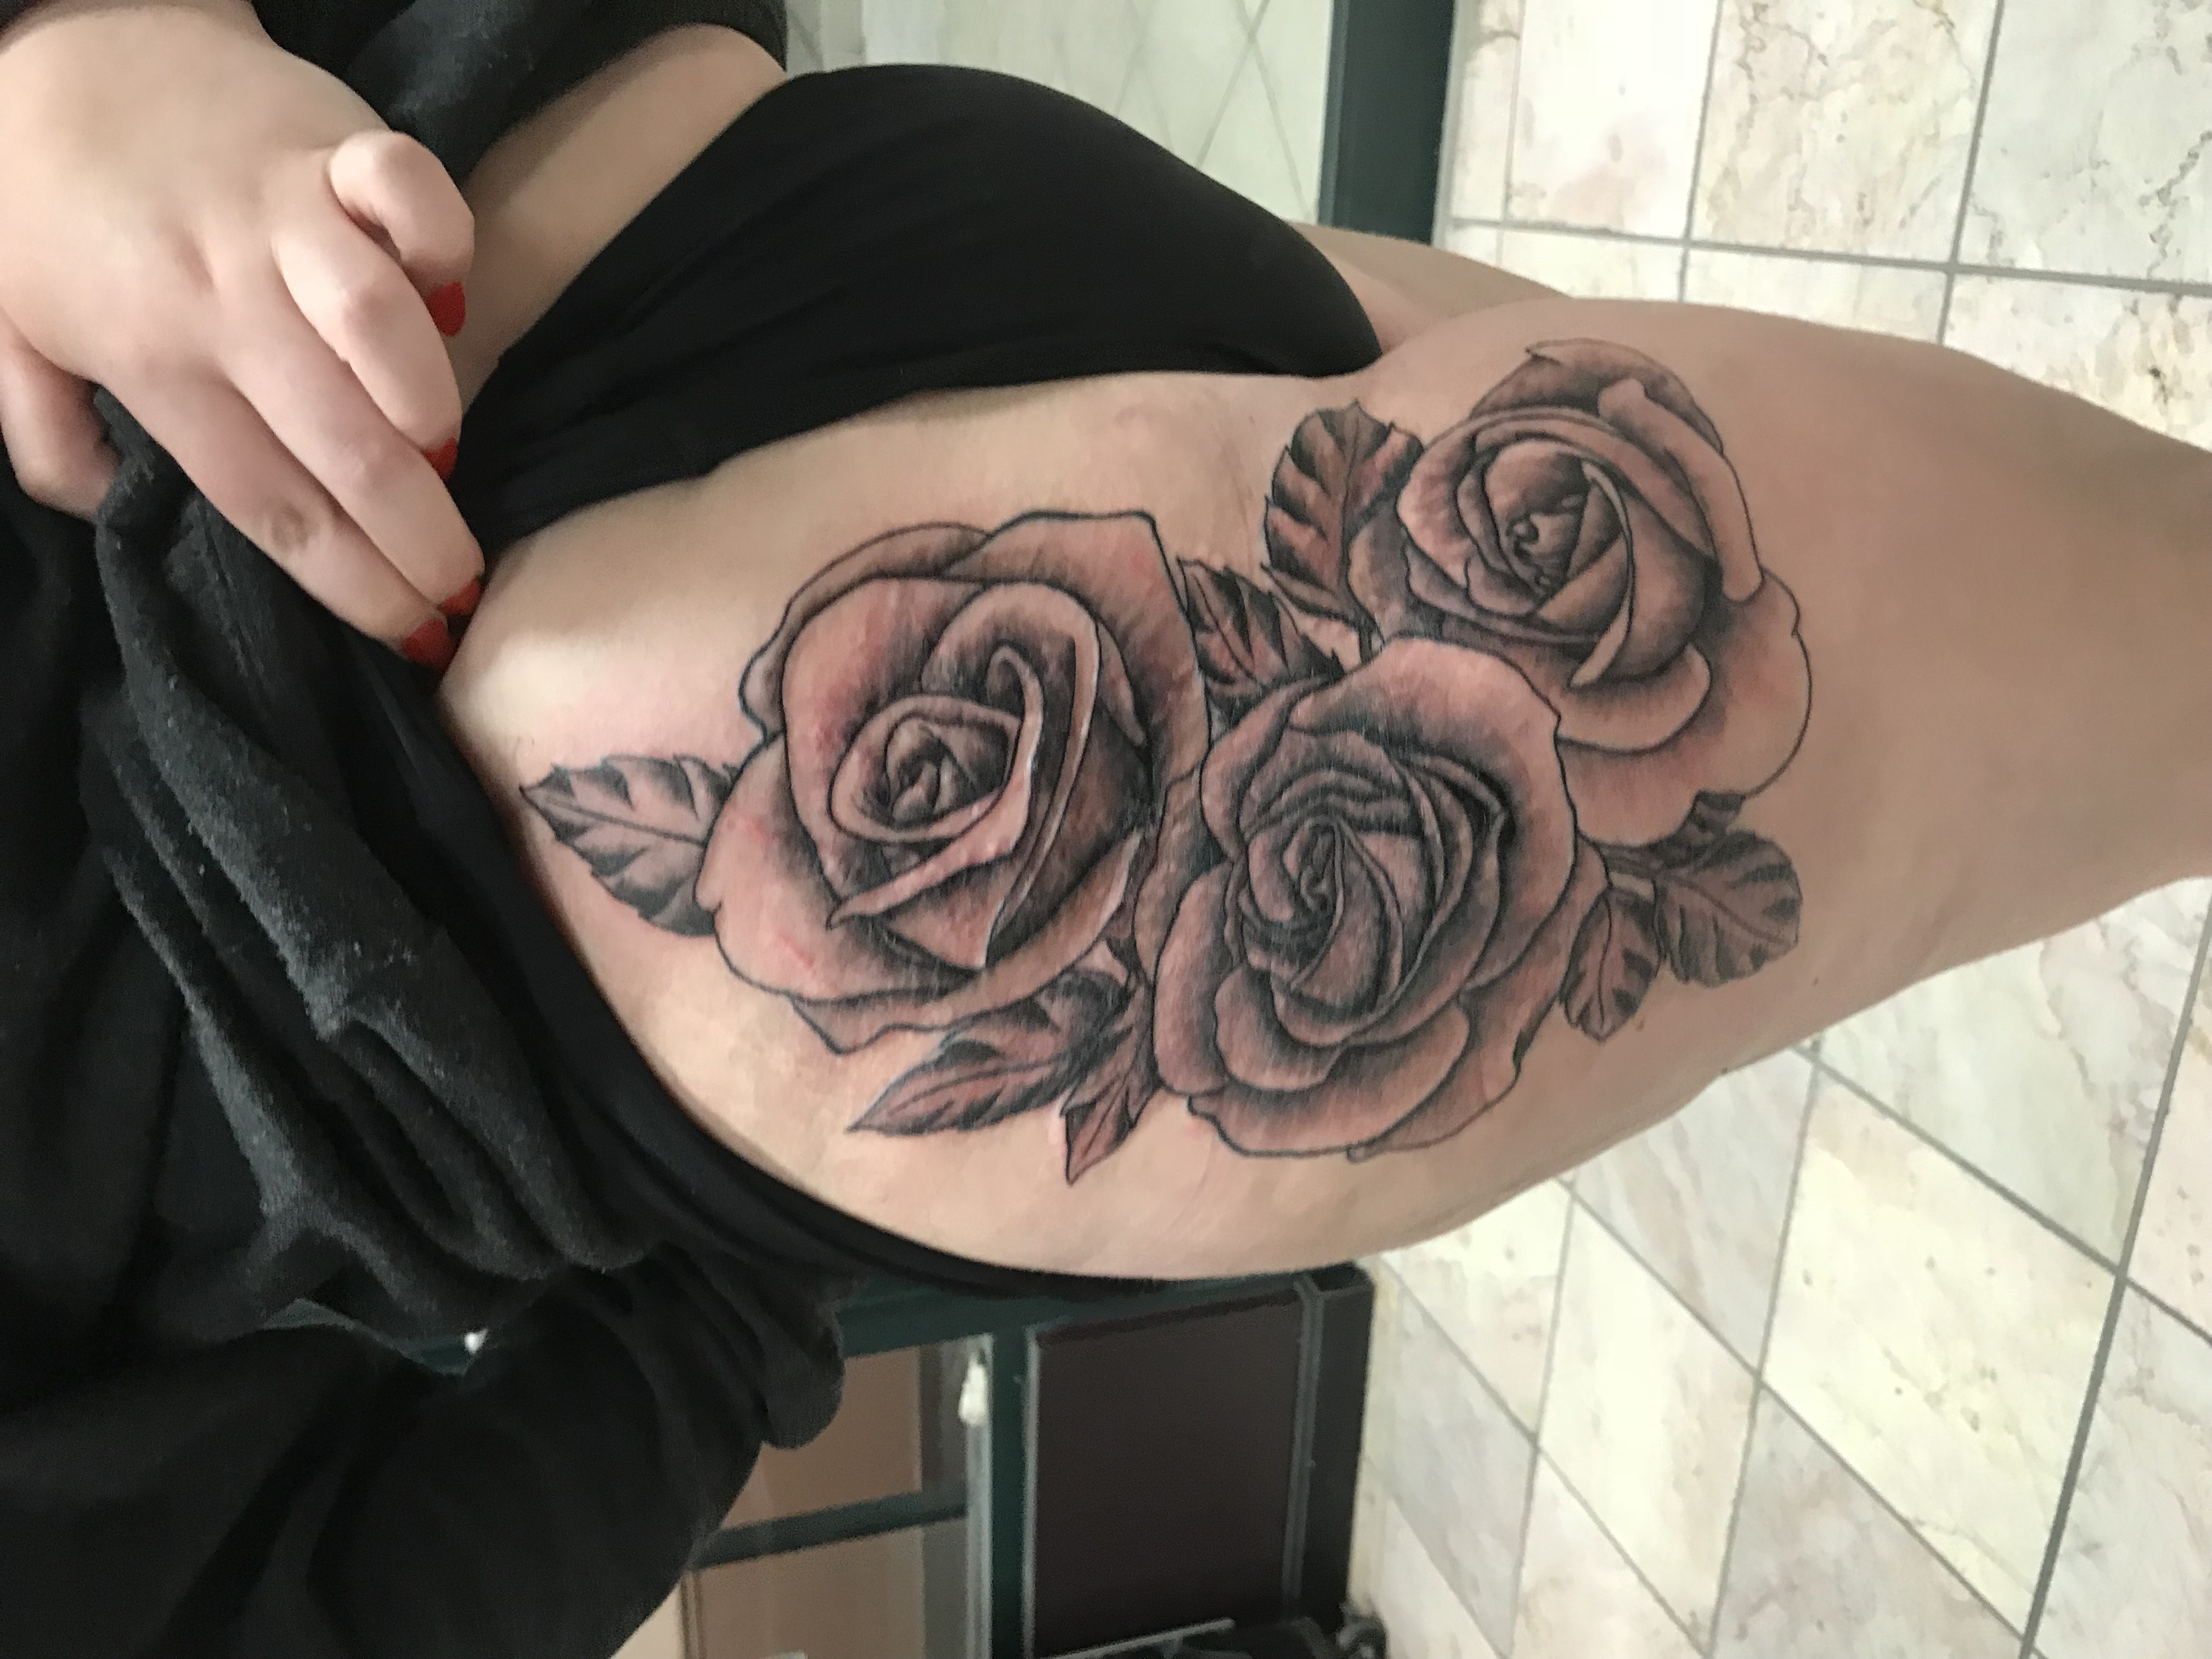 lallentattoo - Hip Roses